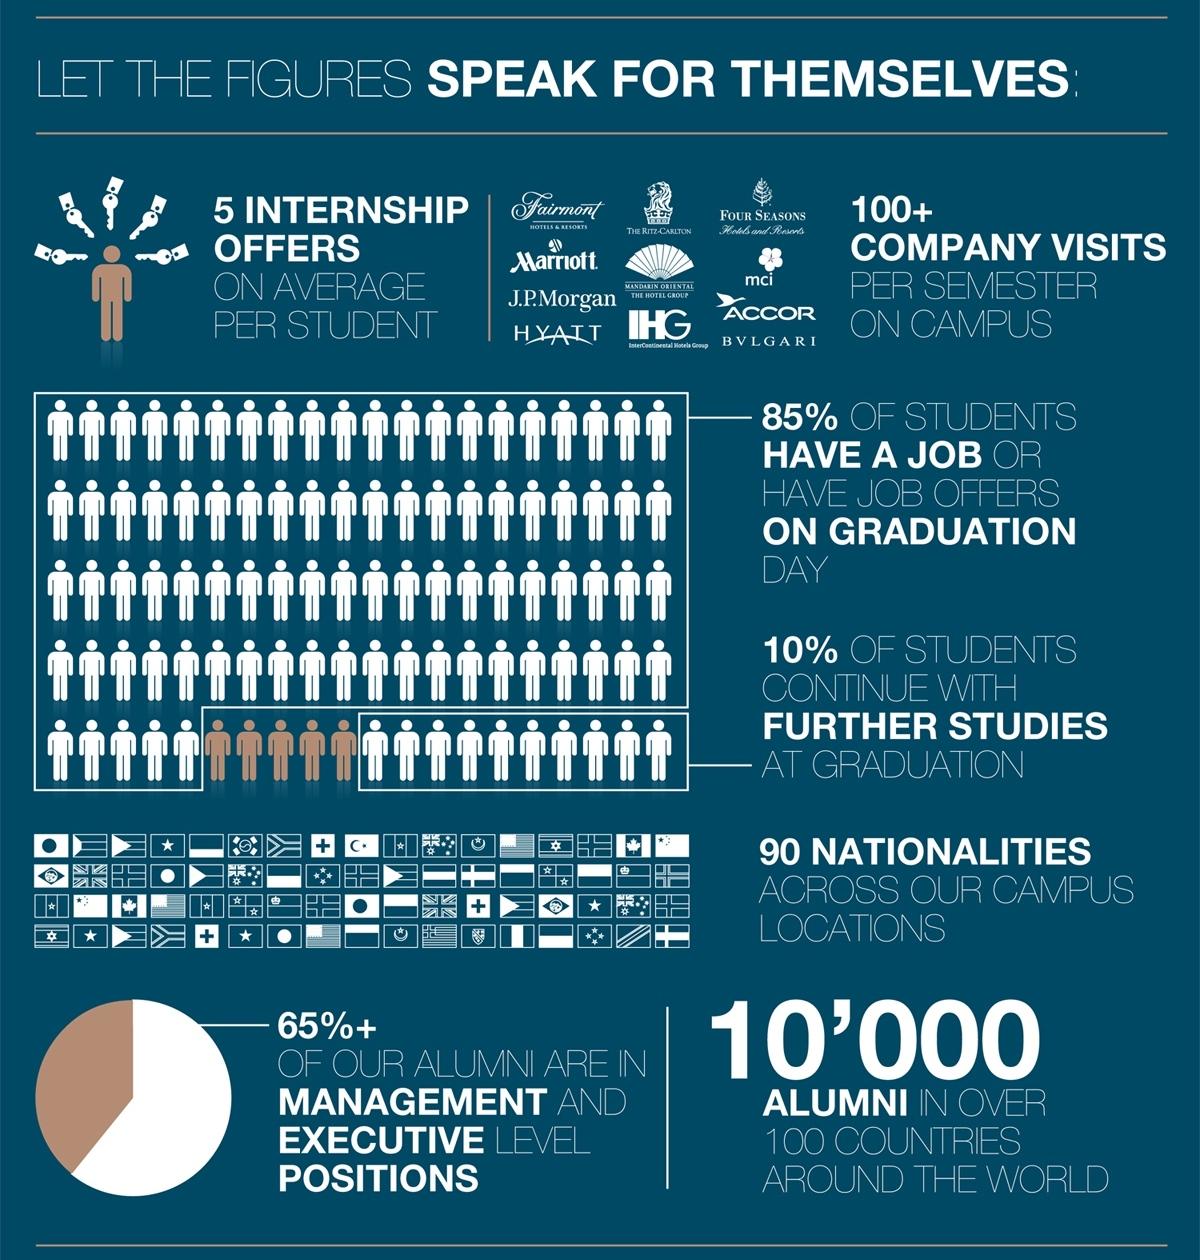 ให้ตัวเลขสถิติเหล่านี้ เป็นตัวบอกคุณว่าทำไมควรเลือก เรียนต่อสวิตเซอร์แลนด์ ด้านการโรงแรมที่ กลียอง